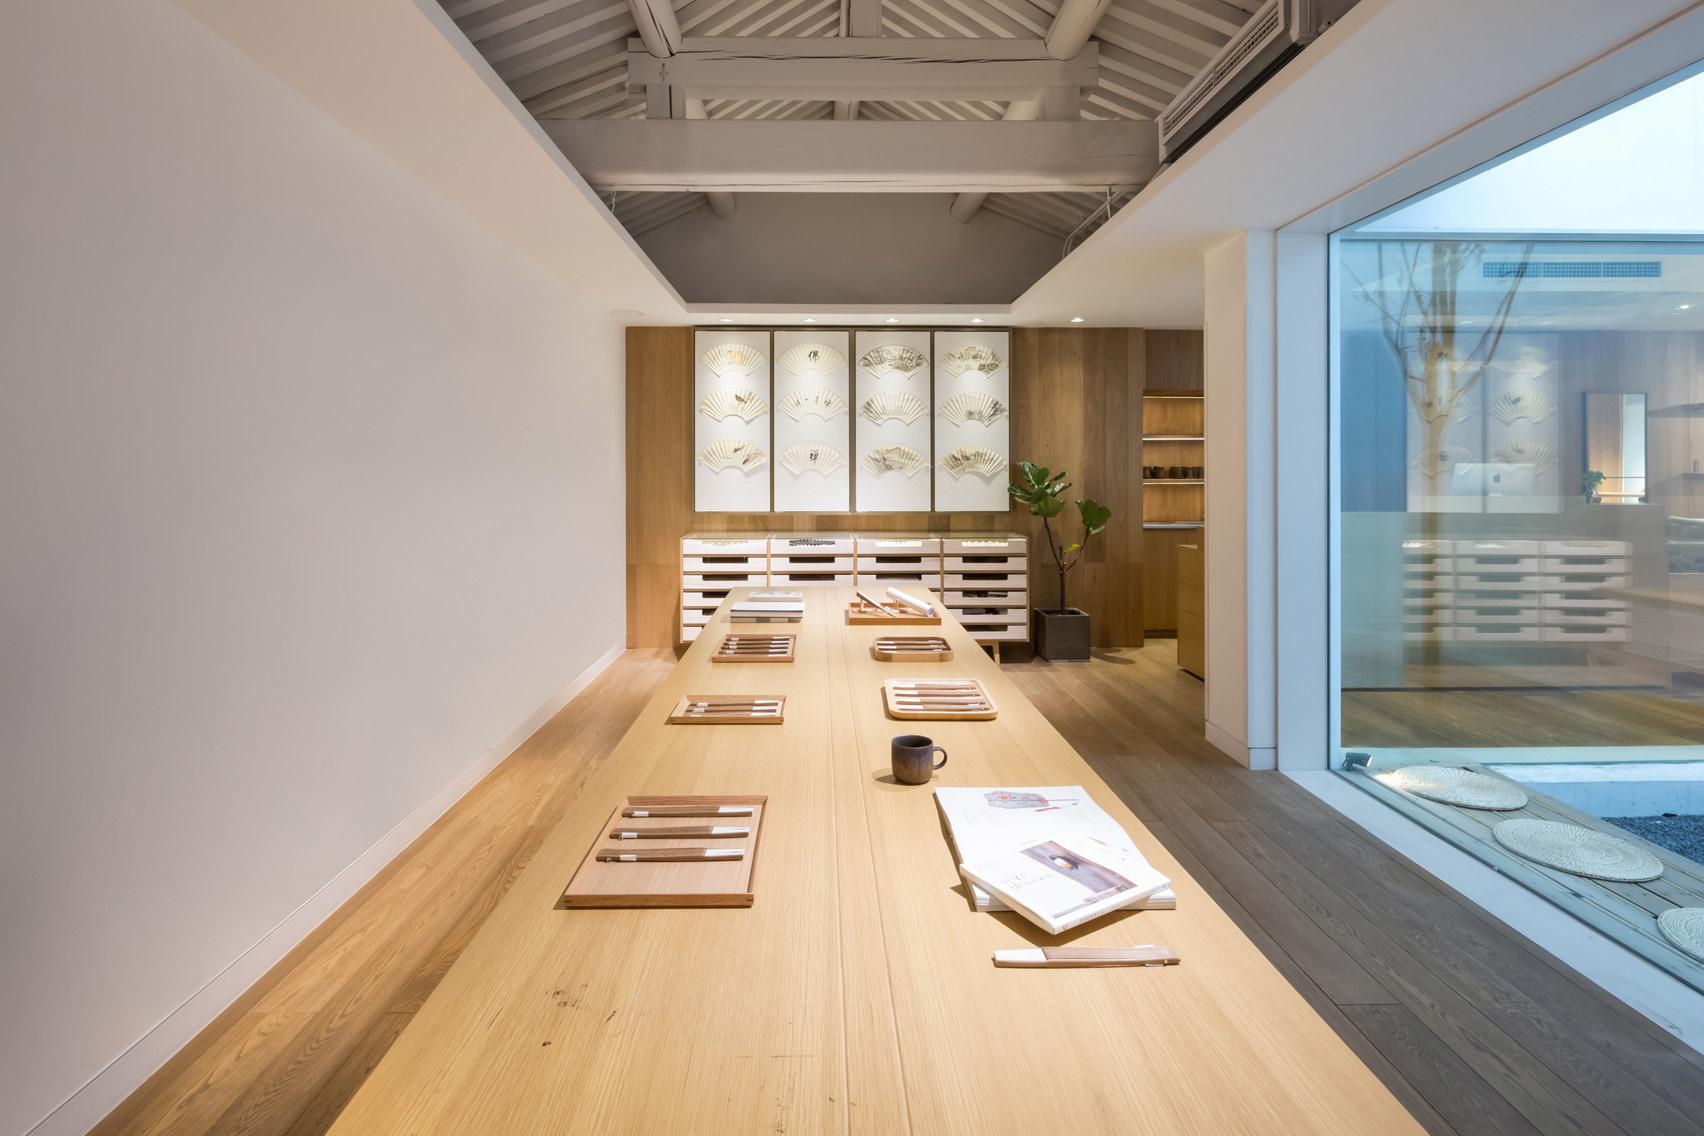 Магазин вееров в пекинском хутуне (галерея 6, фото 5)